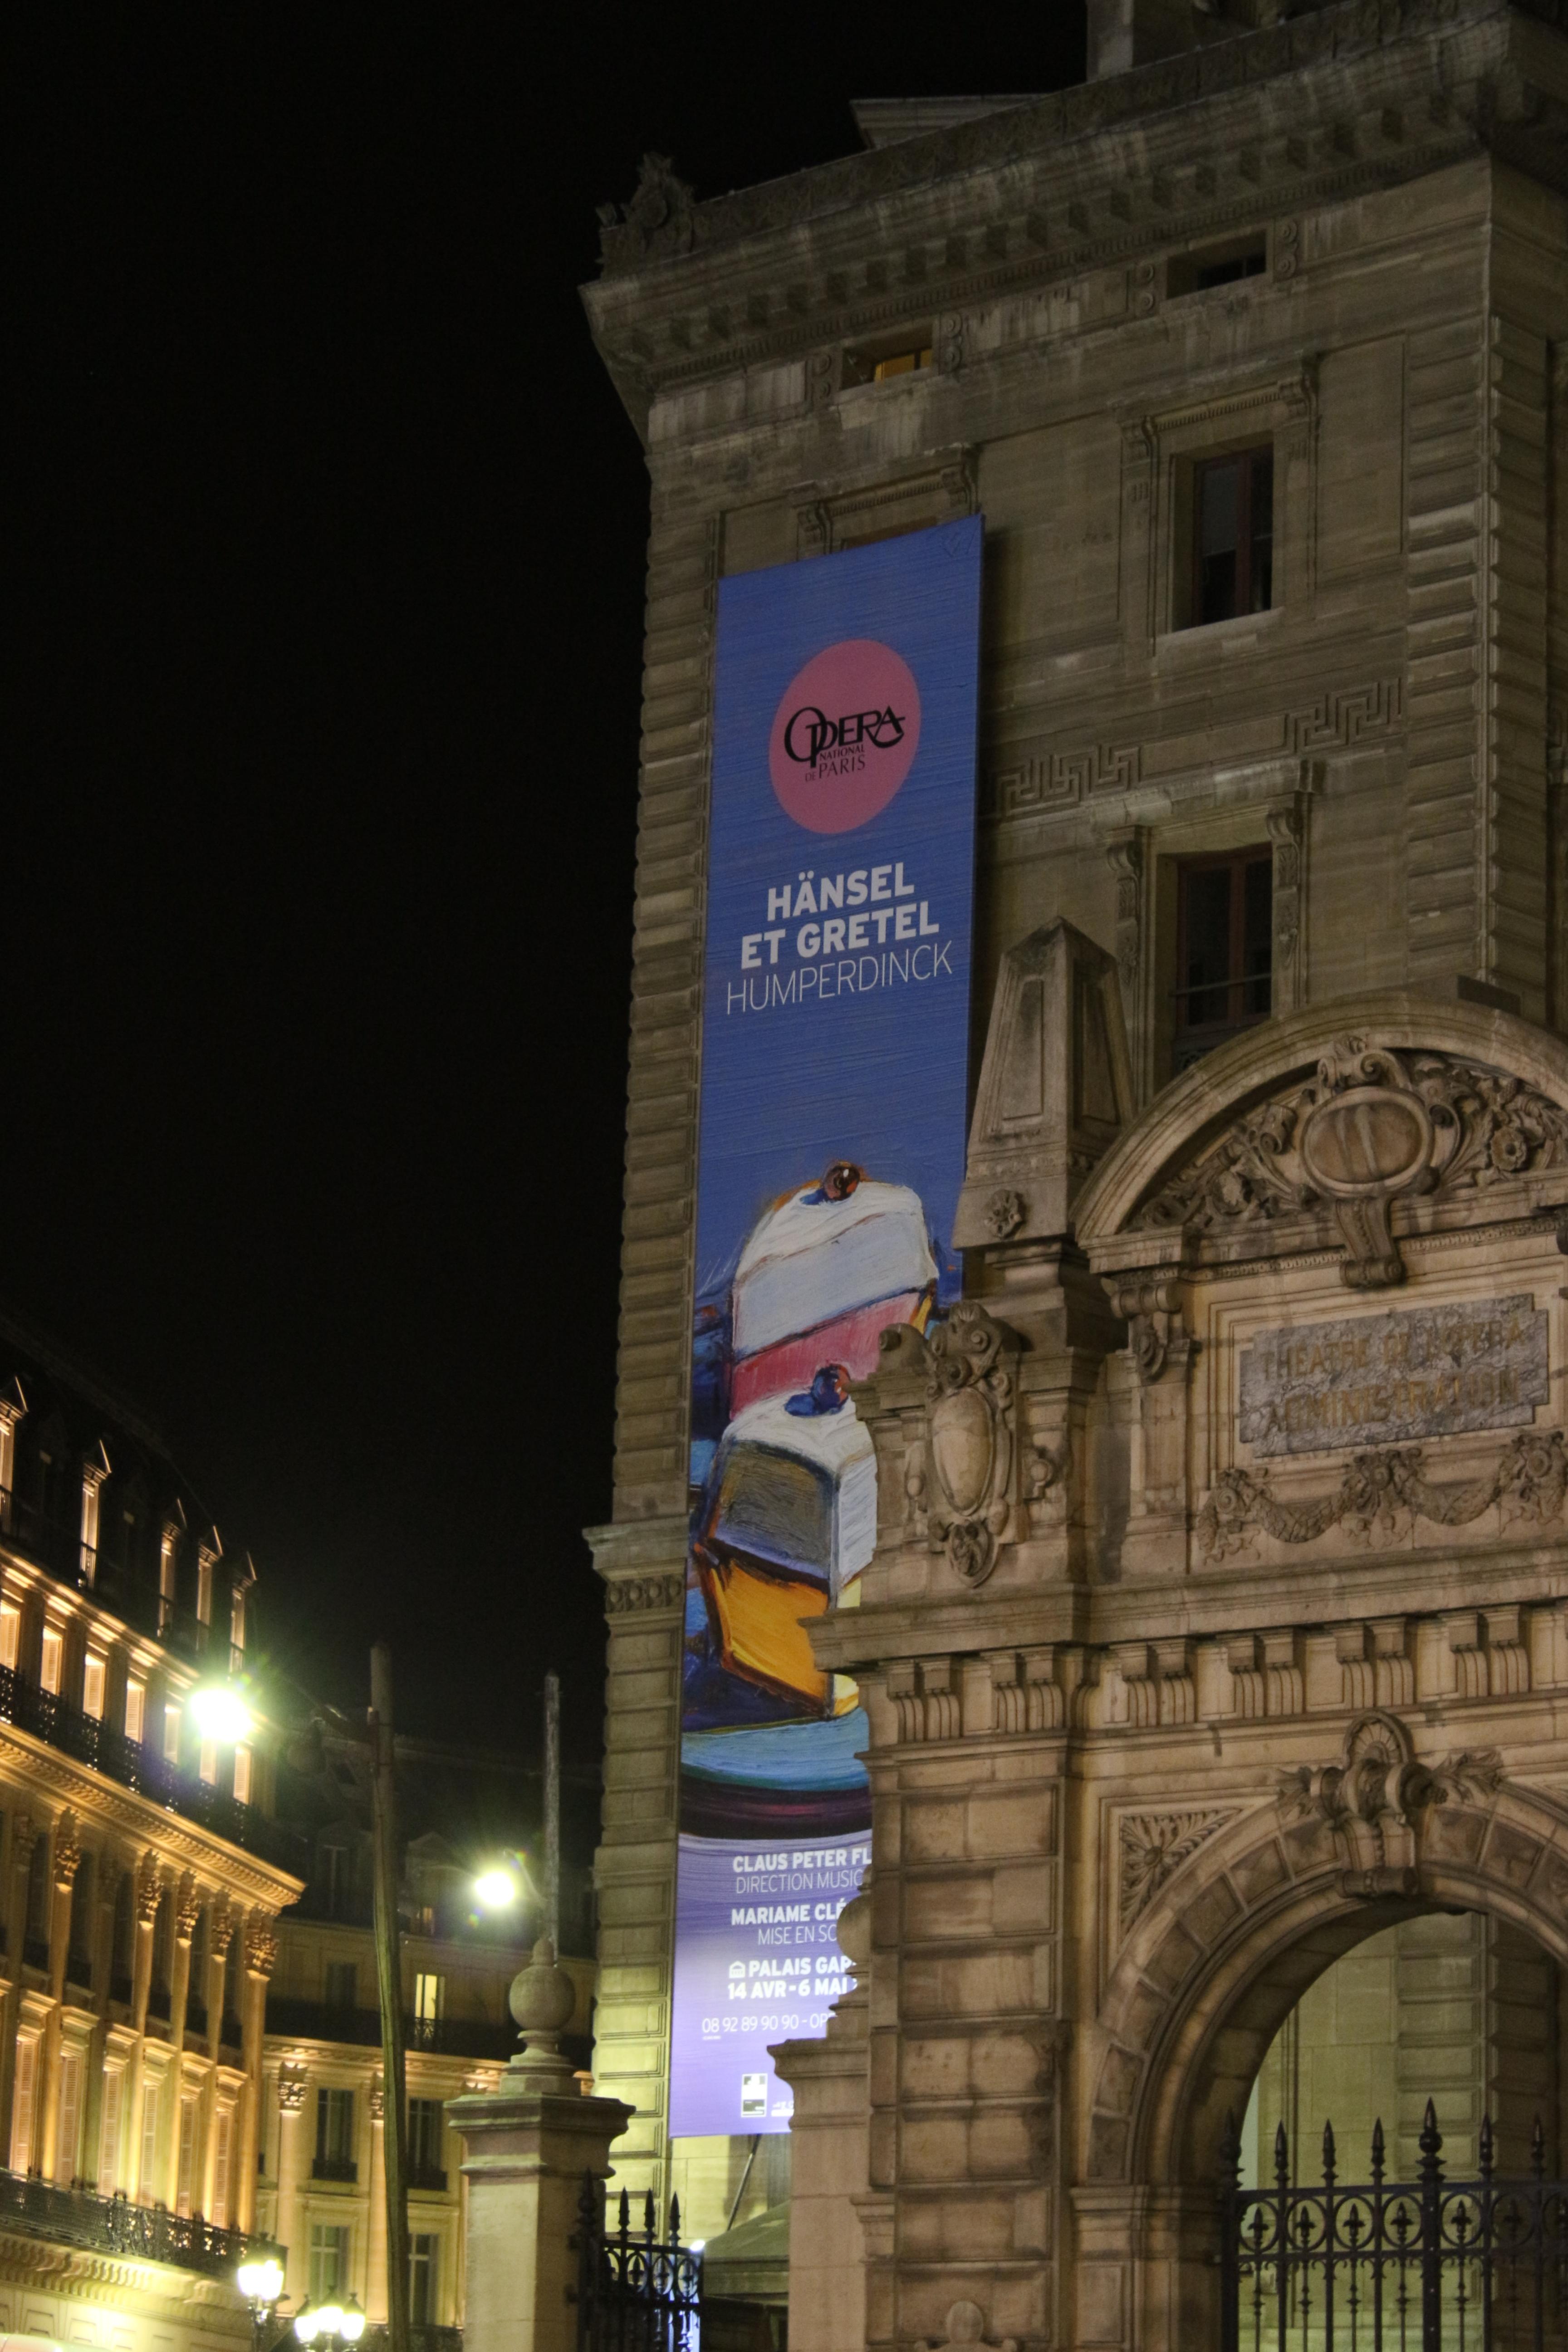 Les fesses de l'Opéra Garnier, le 14 avril 2013 (photo : Josée Novicz)